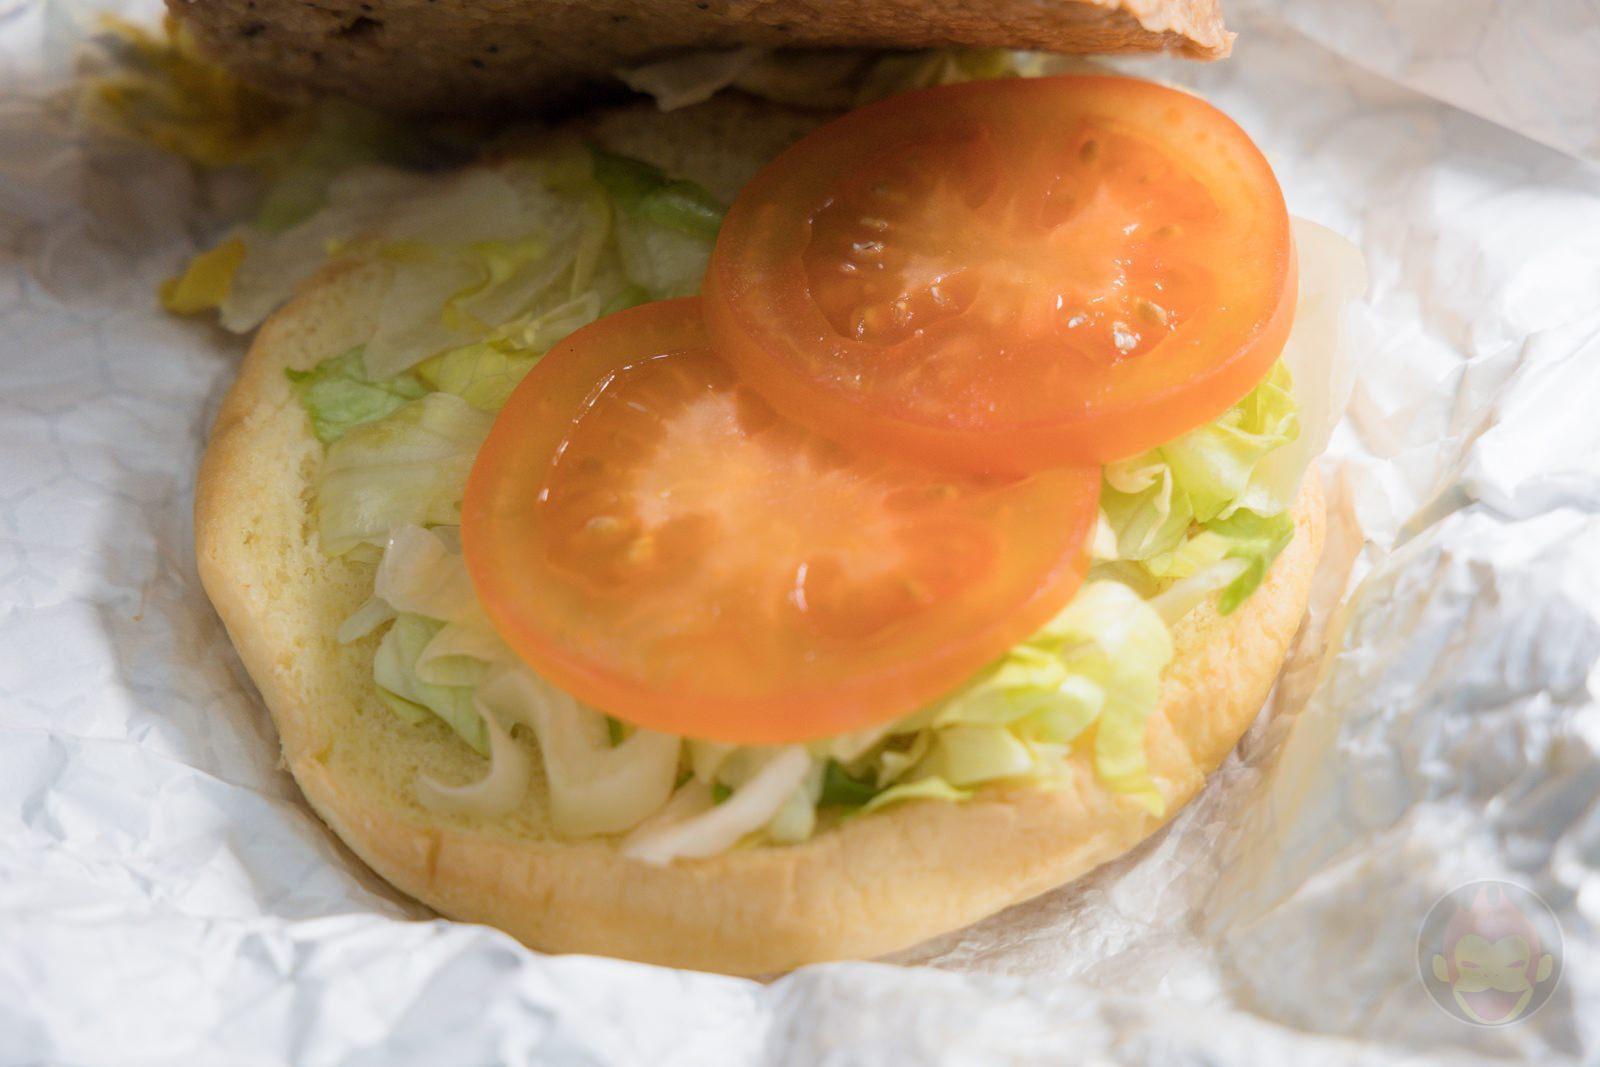 Costco Garden Burger no meat used 05